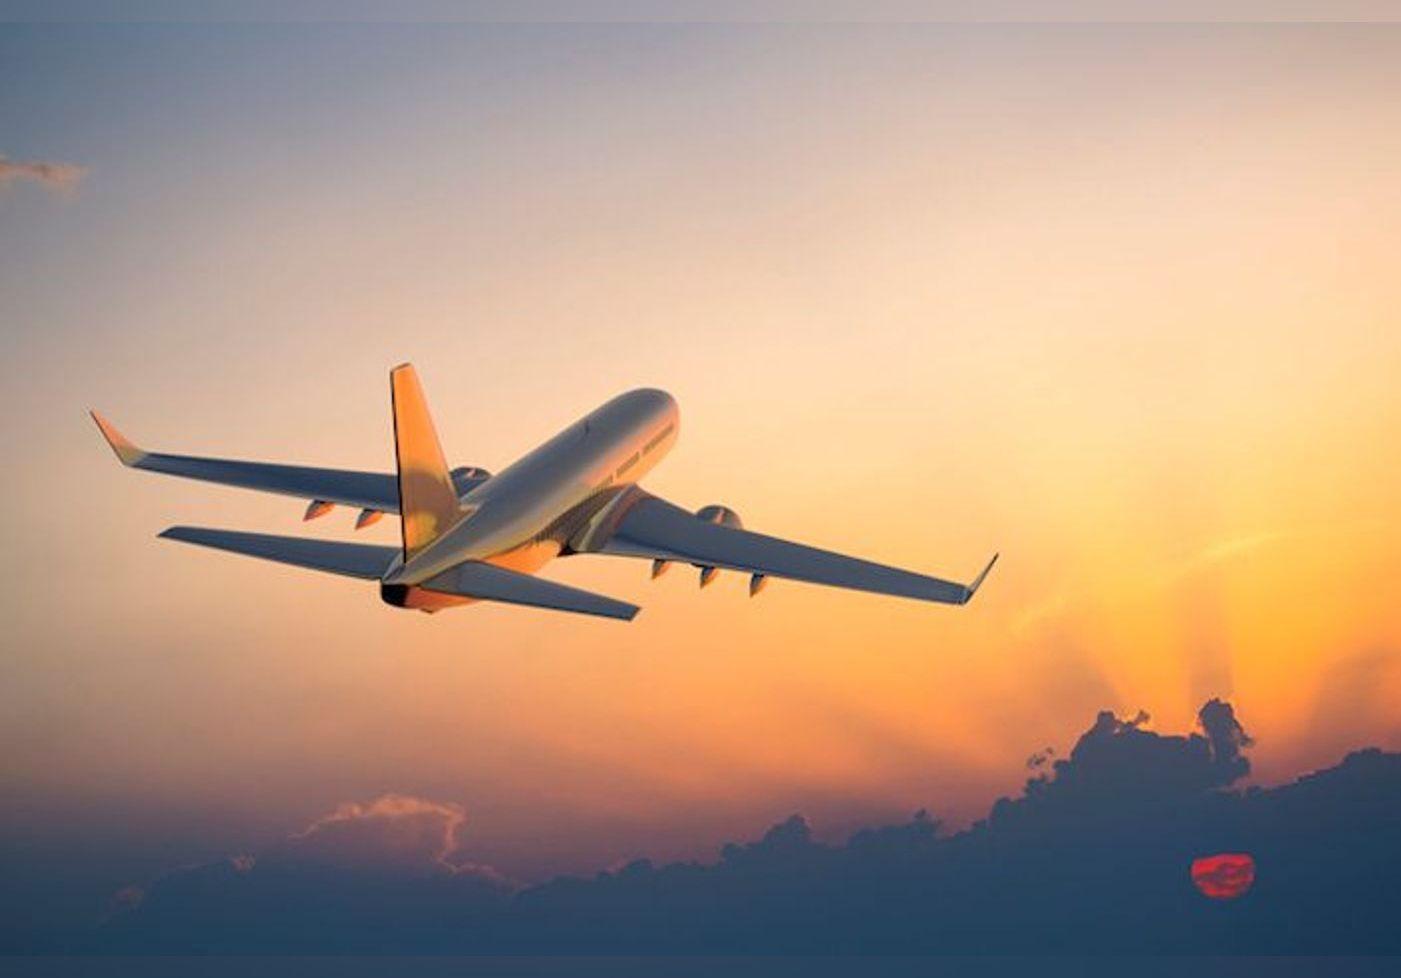 Avion : vos bagages sont perdus, retardés ou endommagés, vous avez des droits